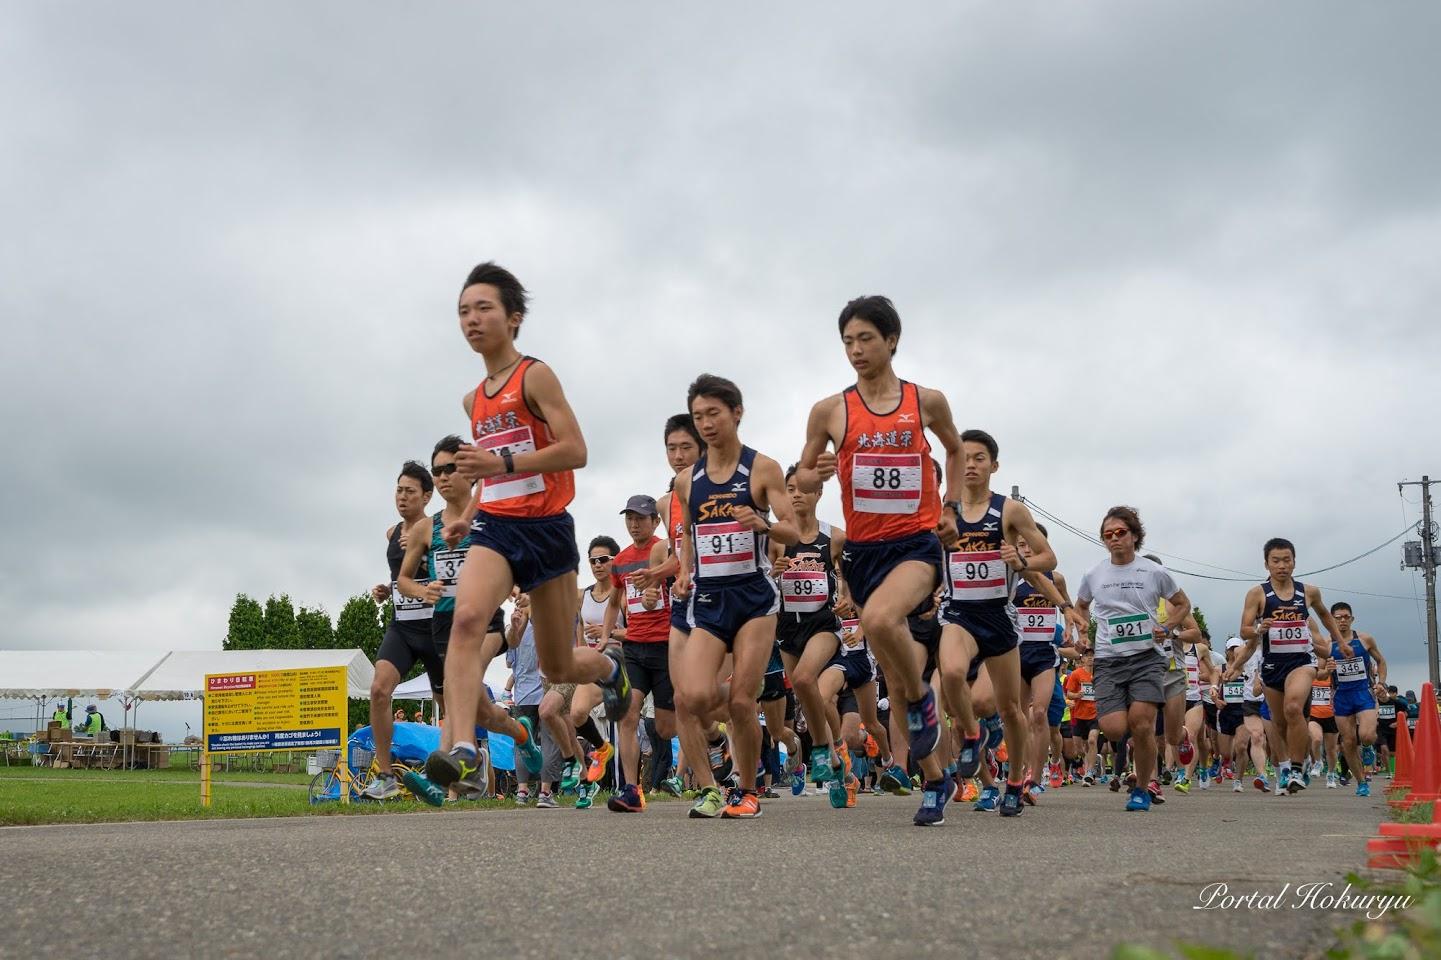 第54回北商ロードレース大会・ハーフマラソン一般男子スタート